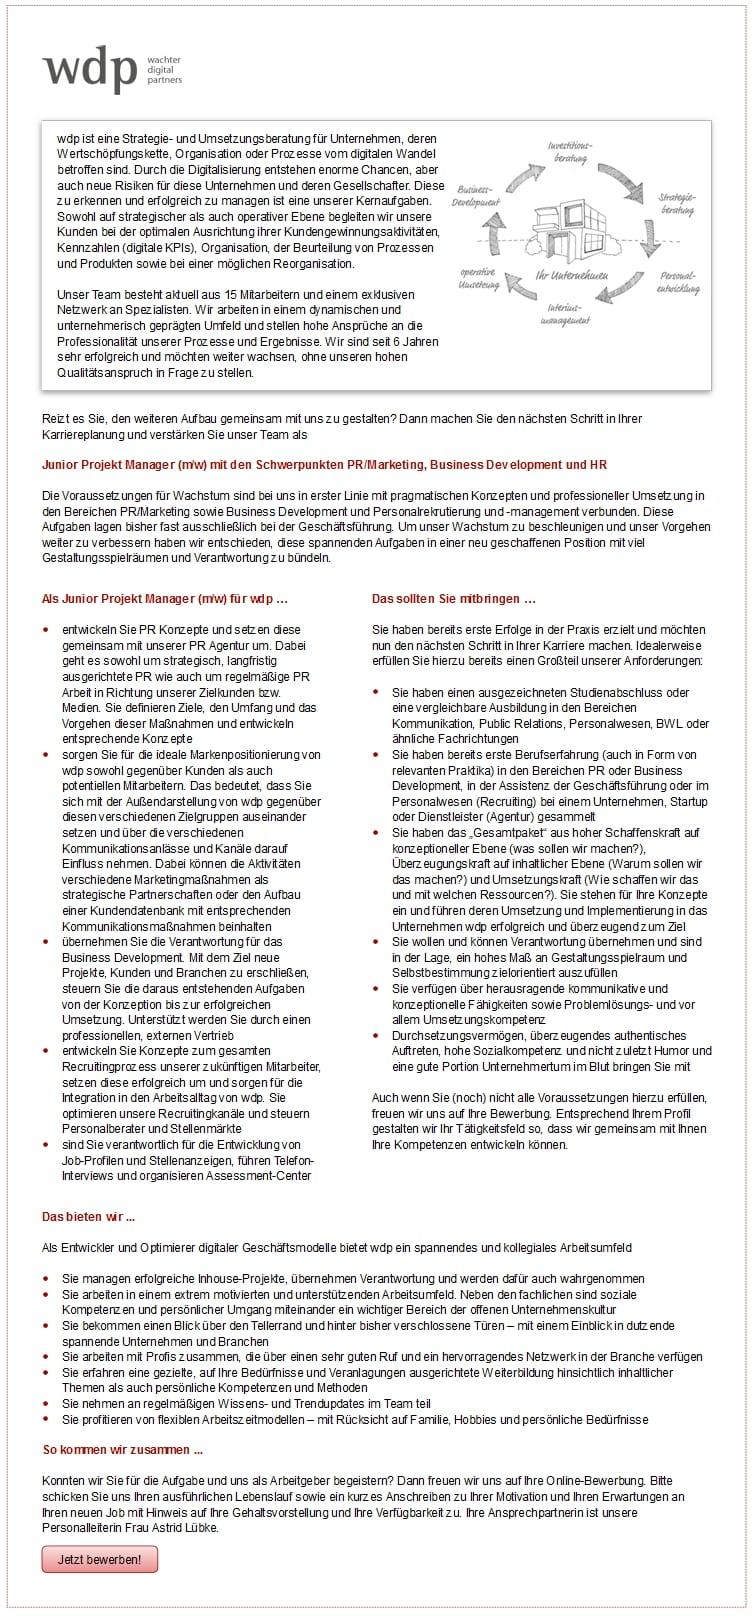 Schön Versicherungszweig Manager Lebenslauf Galerie - Entry Level ...